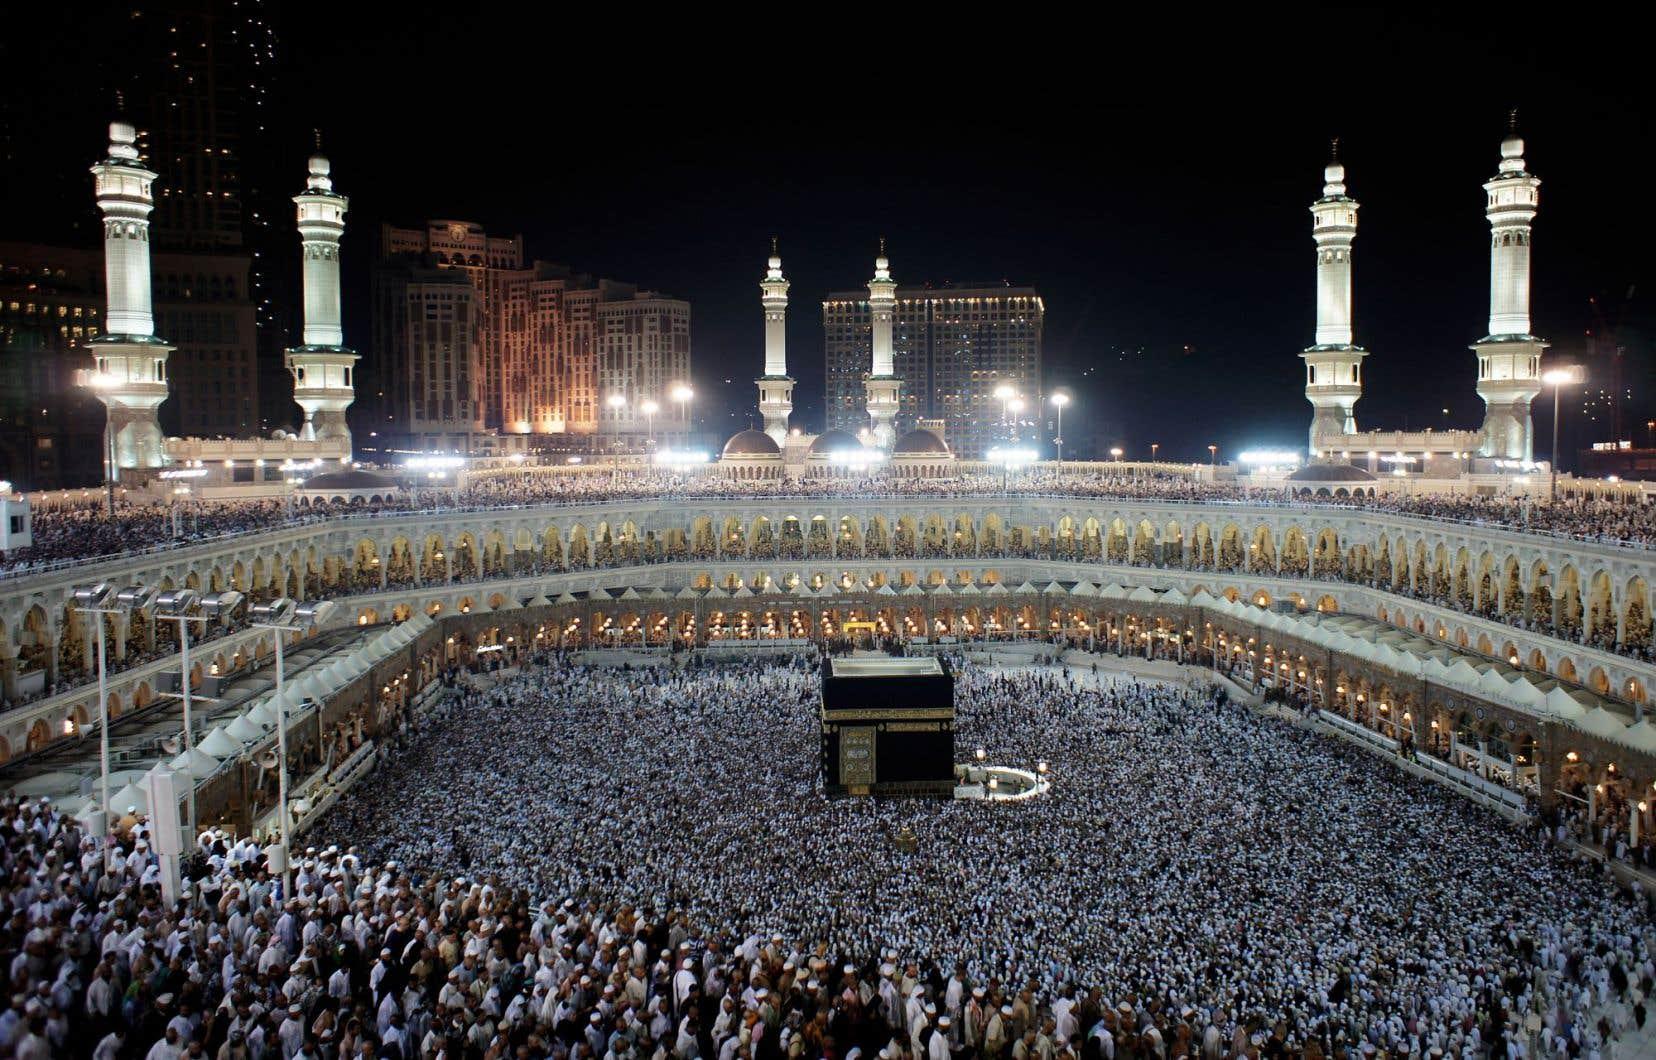 Le hajj regroupe chaque année près de deux millions de musulmans à La Mecque, en Arabie saoudite.